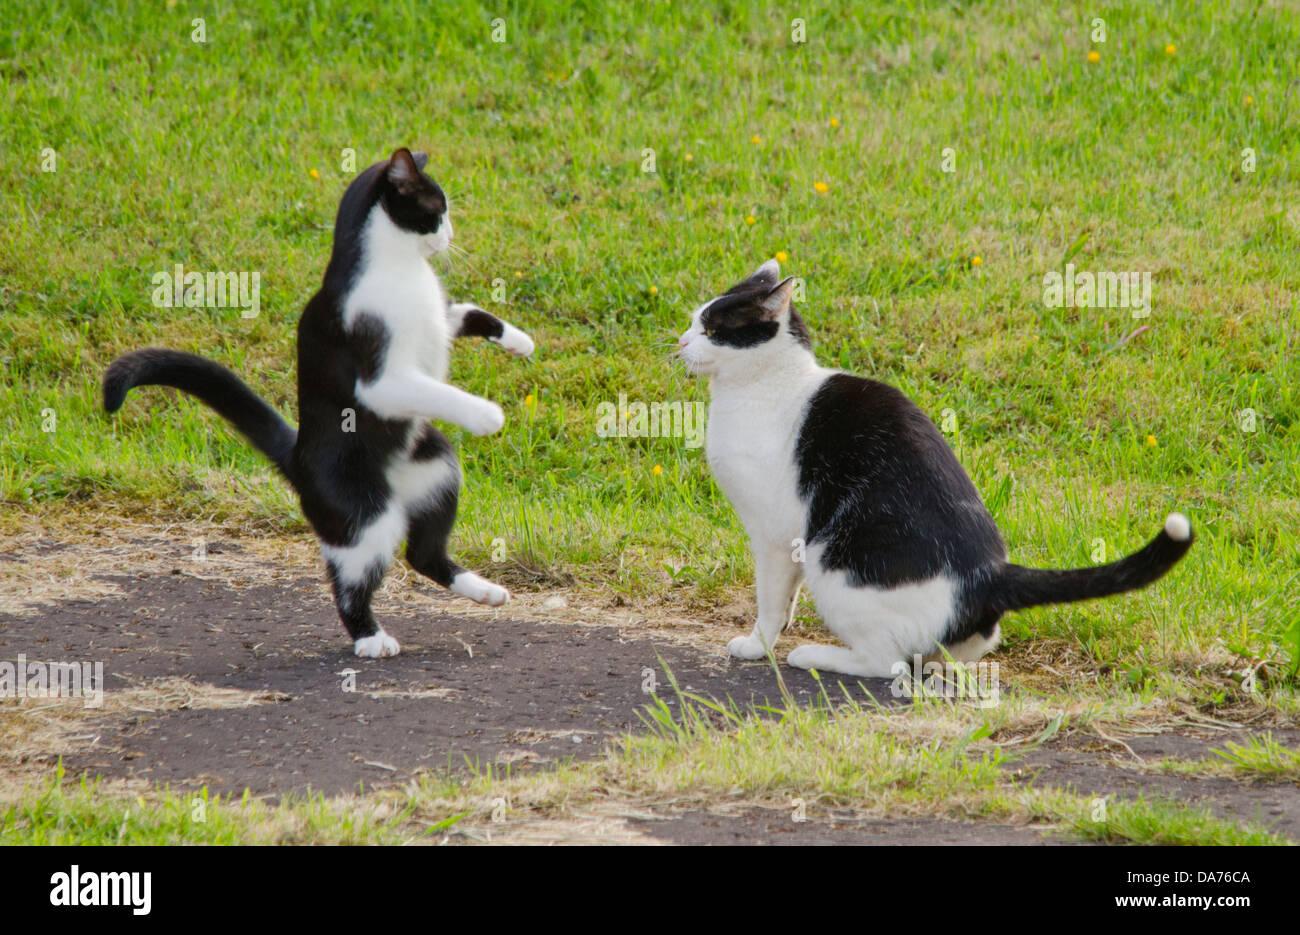 Tuxedo Cats - Stock Image